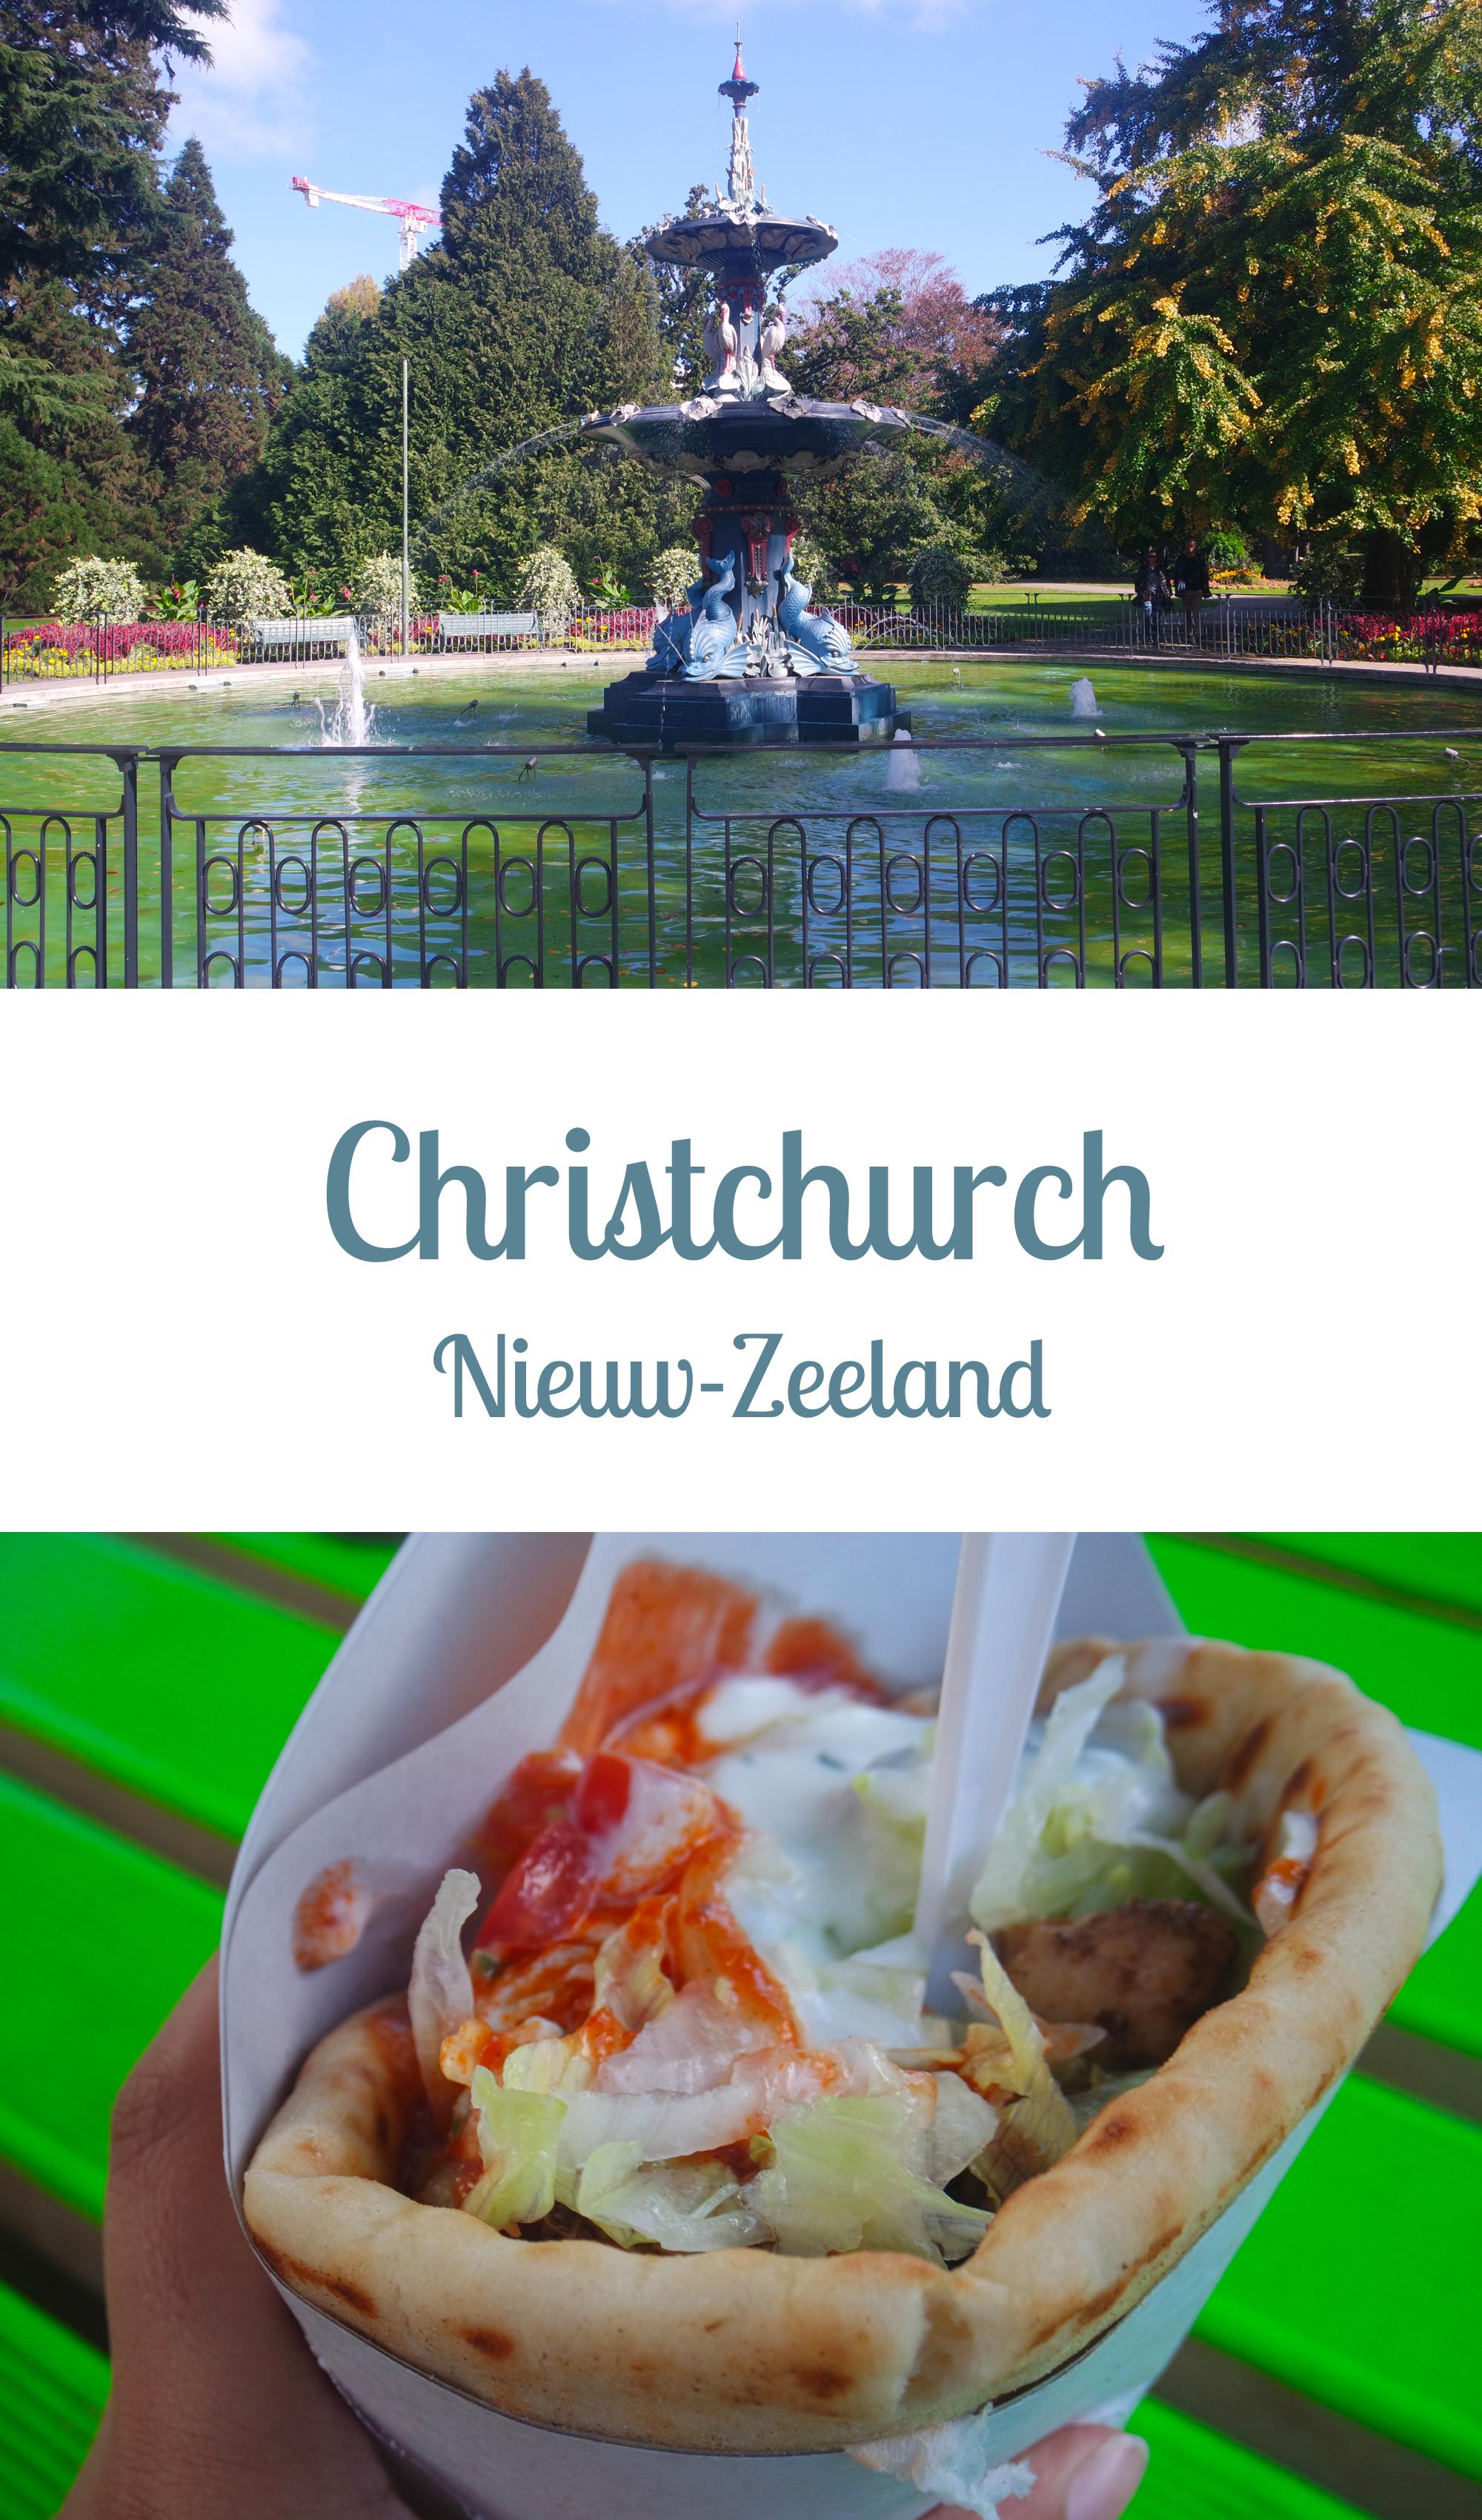 Nieuw-Zeeland - Christchurch